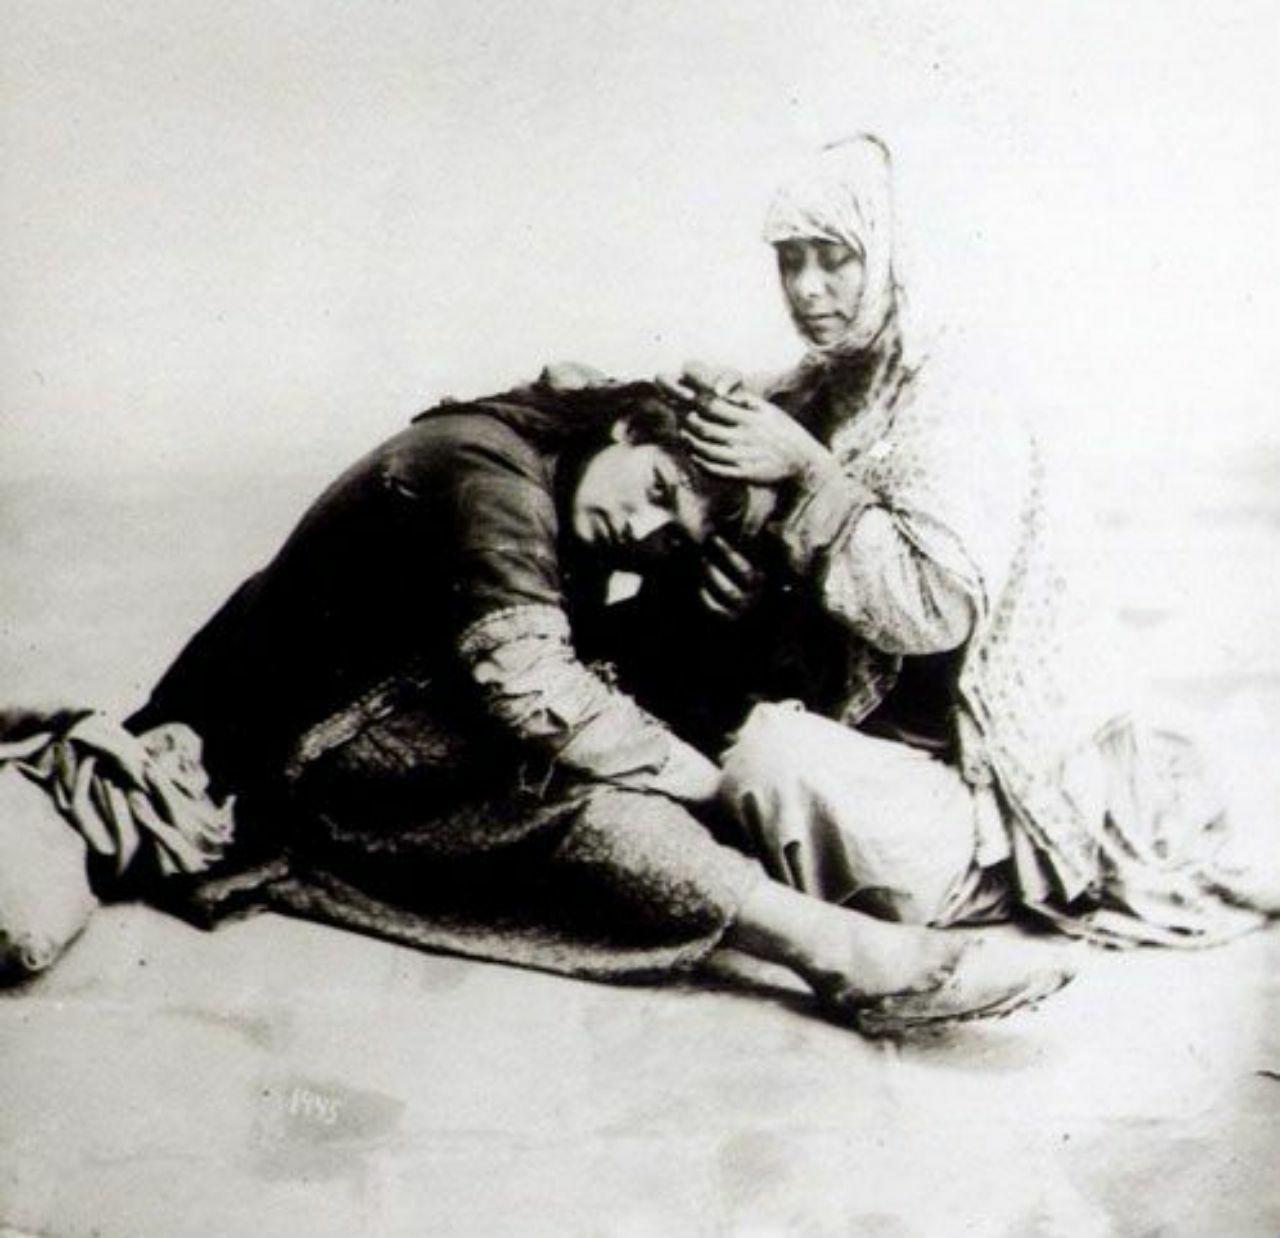 اعتقادات عوامگرایانه در دوره قاجار